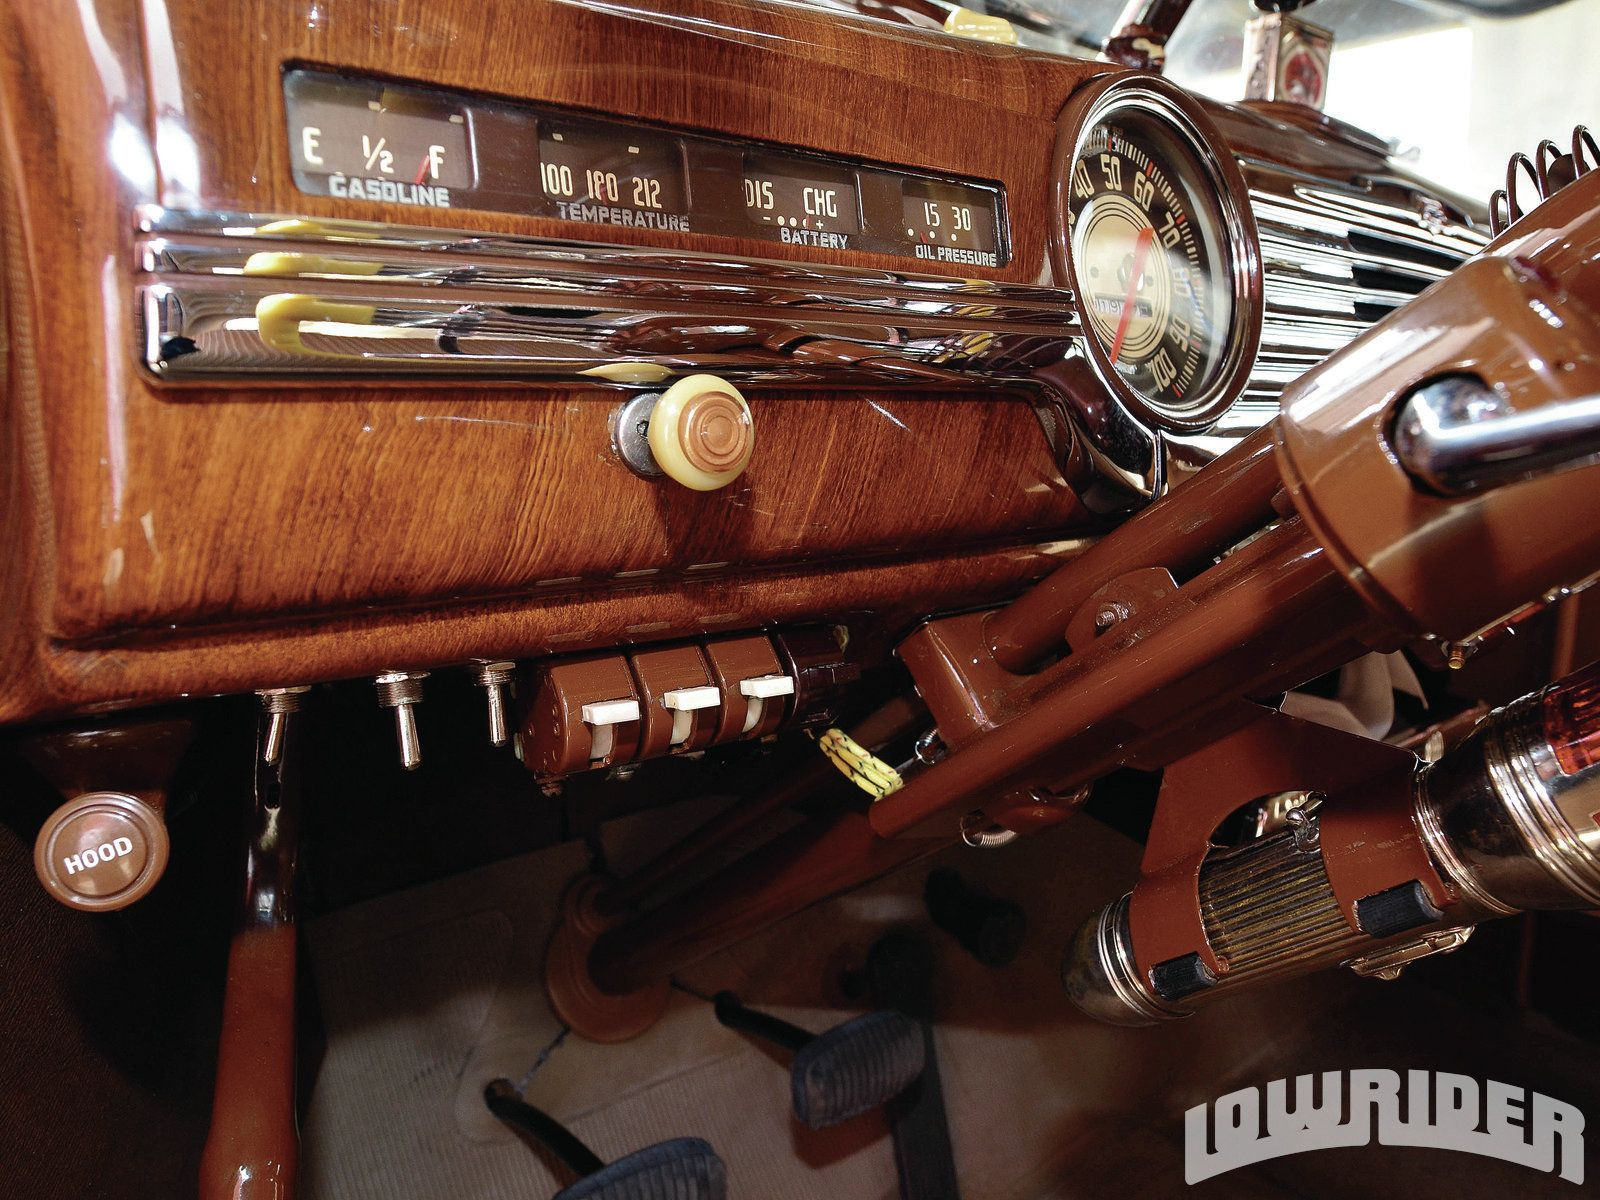 1947 Chevrolet Fleetline Aero Imitation Woodgrain